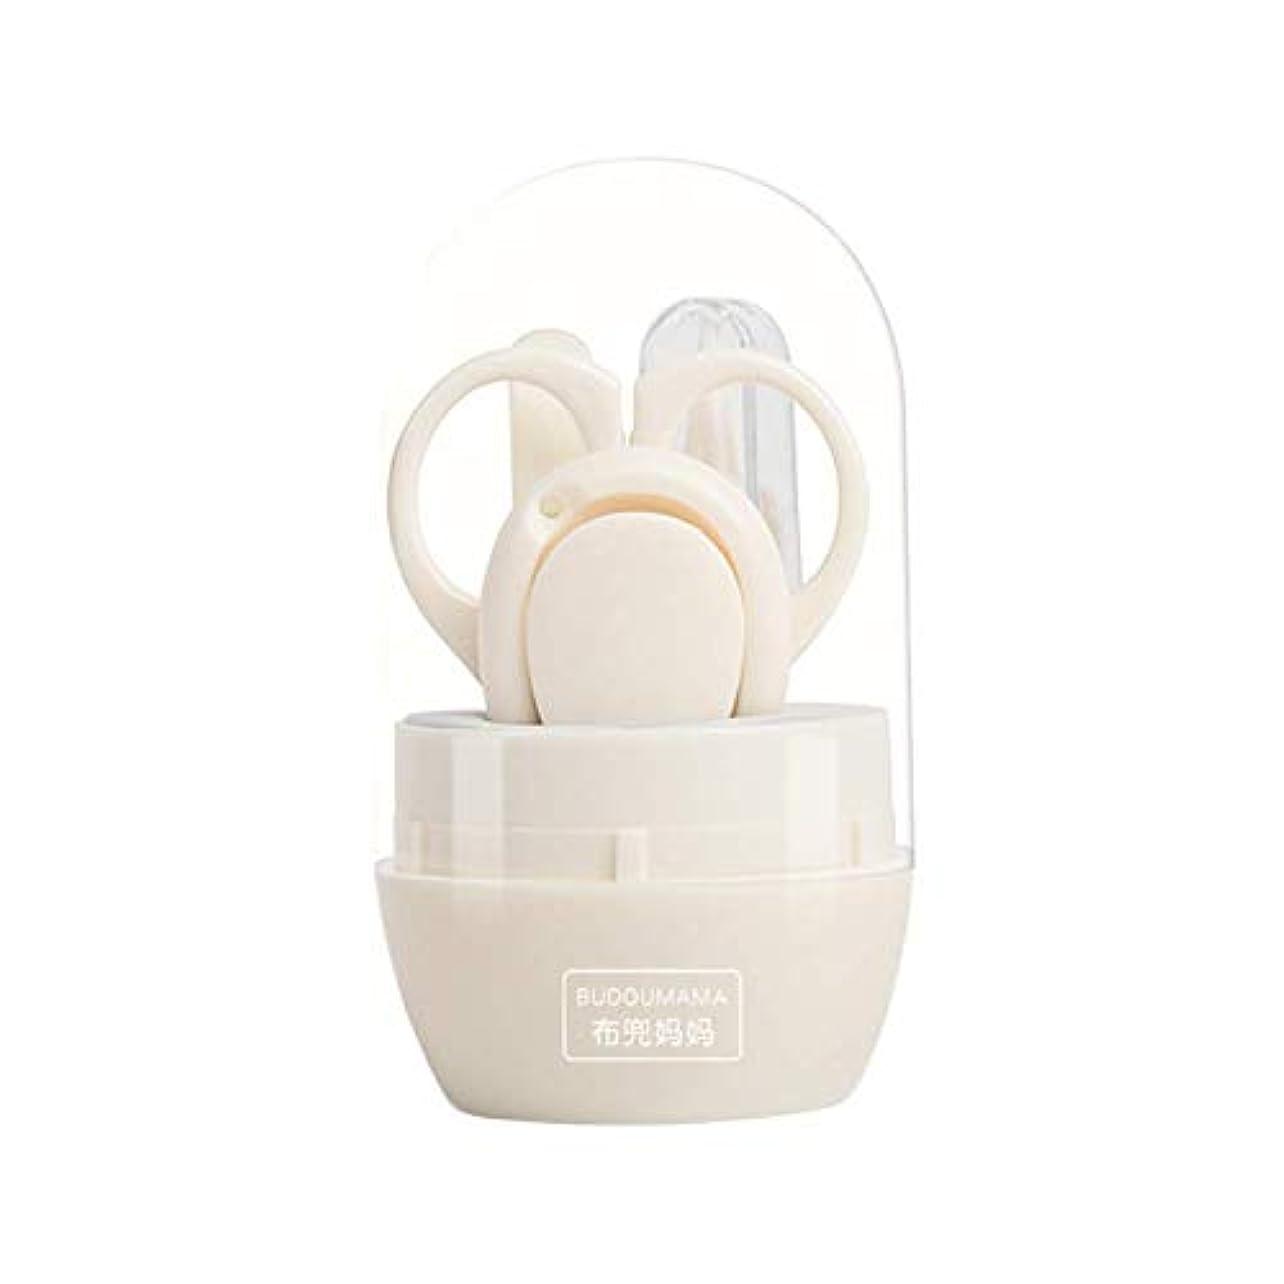 保全アンケートスポークスマンChinashow 赤ん坊 マニキュアキットセット - ホルダーベージュ(爪切りはさみ+ +ネイルファイル+ピンセット+ケース)で設定した4個 幼児 ネイルケアキット